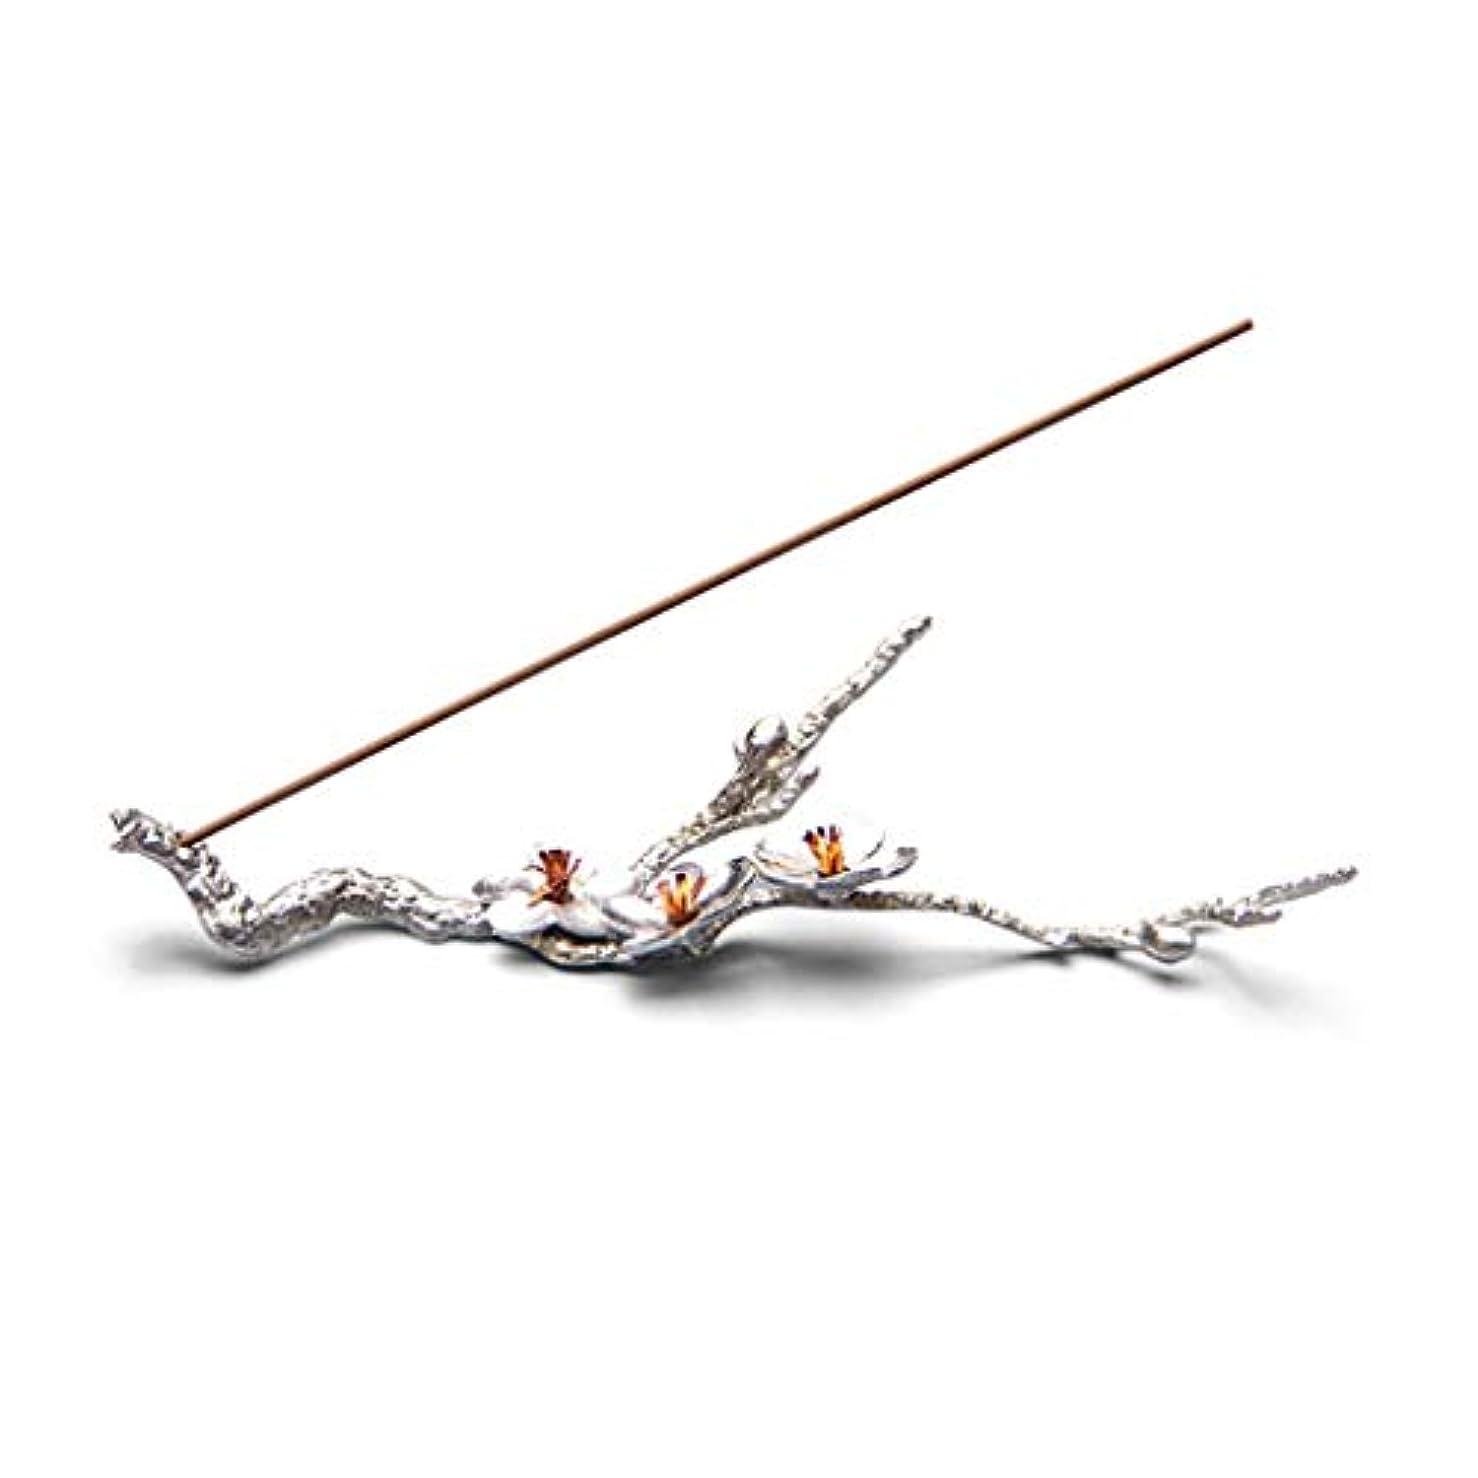 浮く動脈酸っぱいホームアロマバーナー 純粋なブリキ梅香スティック禅禅香クリエイティブ日本の手作りライン香横になっている香炉 アロマバーナー